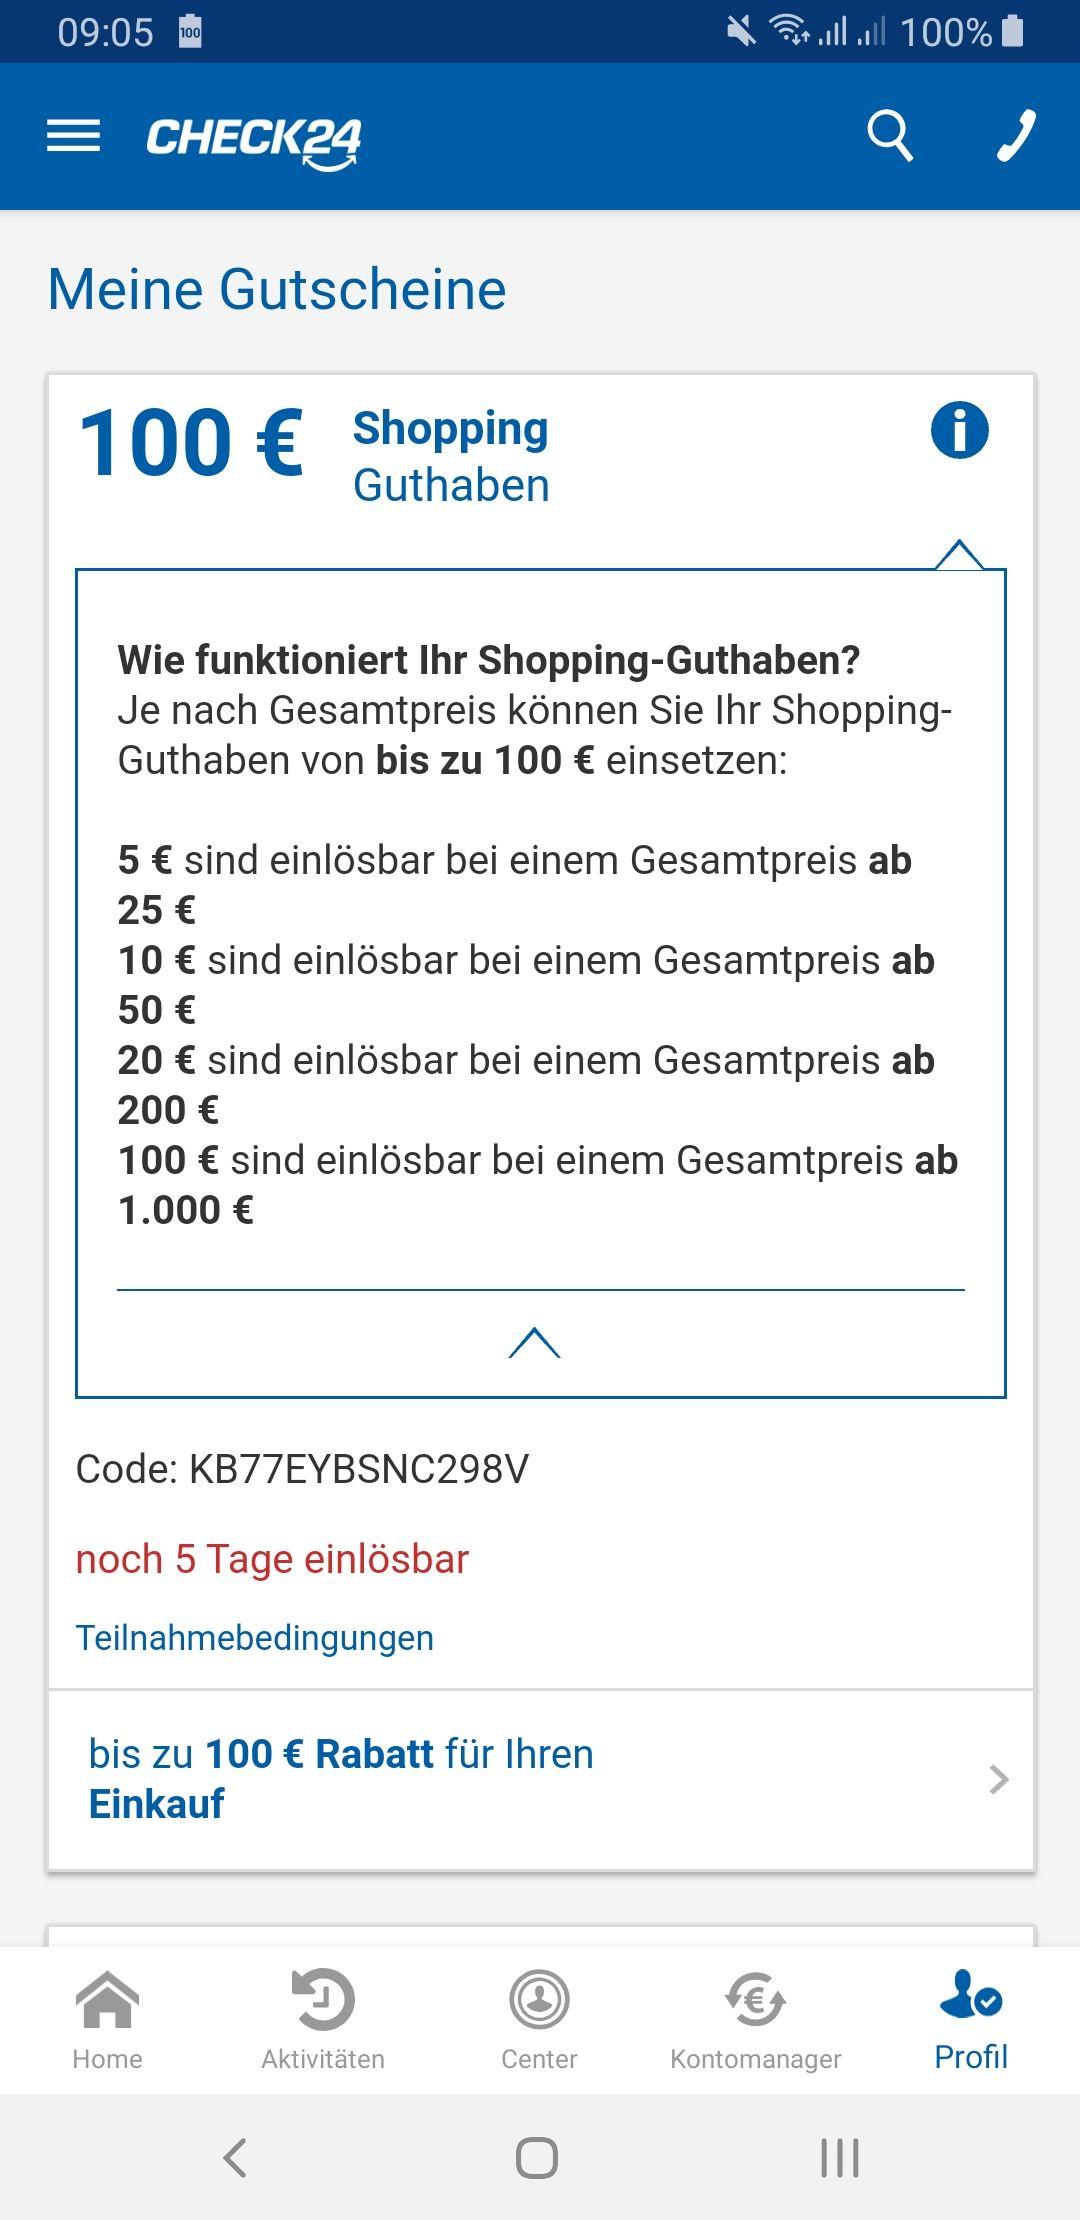 Check 24 Gutscheincode bis 31.10.